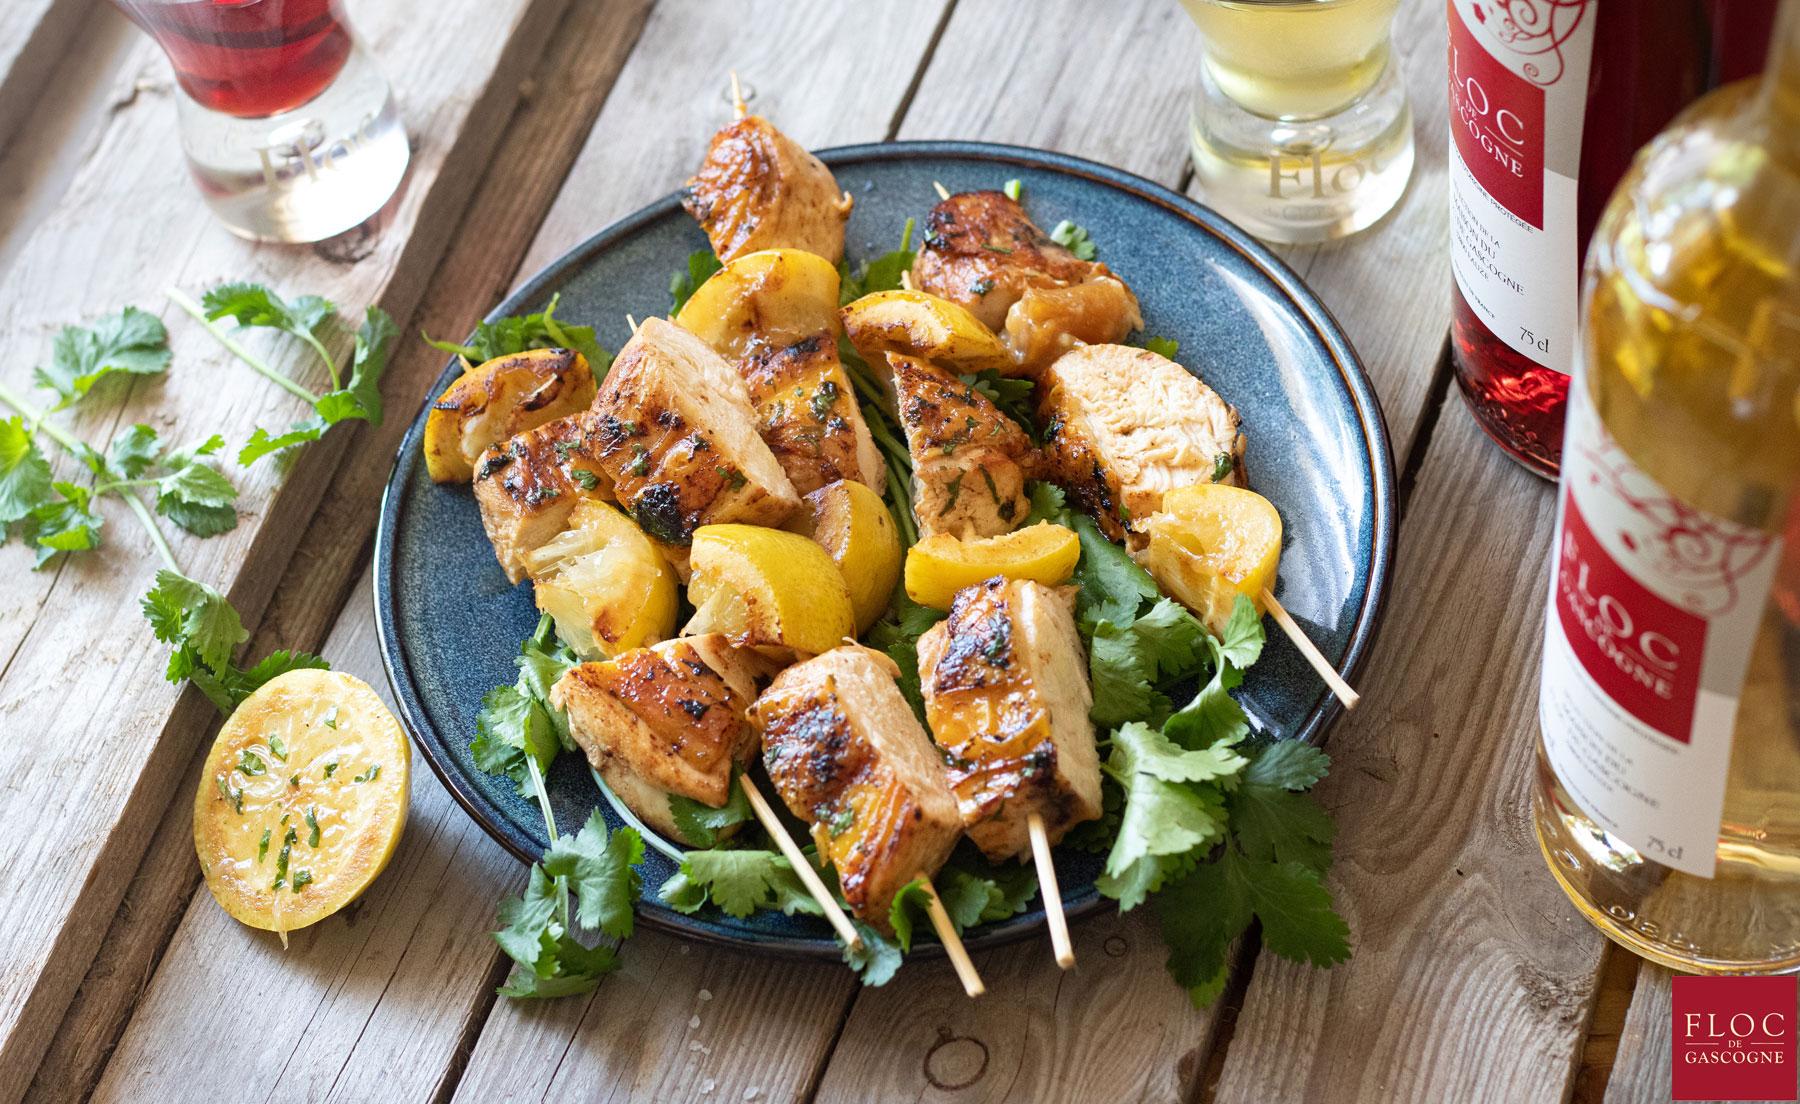 Recette de brochettes poulet et citron accompagnées de Floc-de-Gascogne